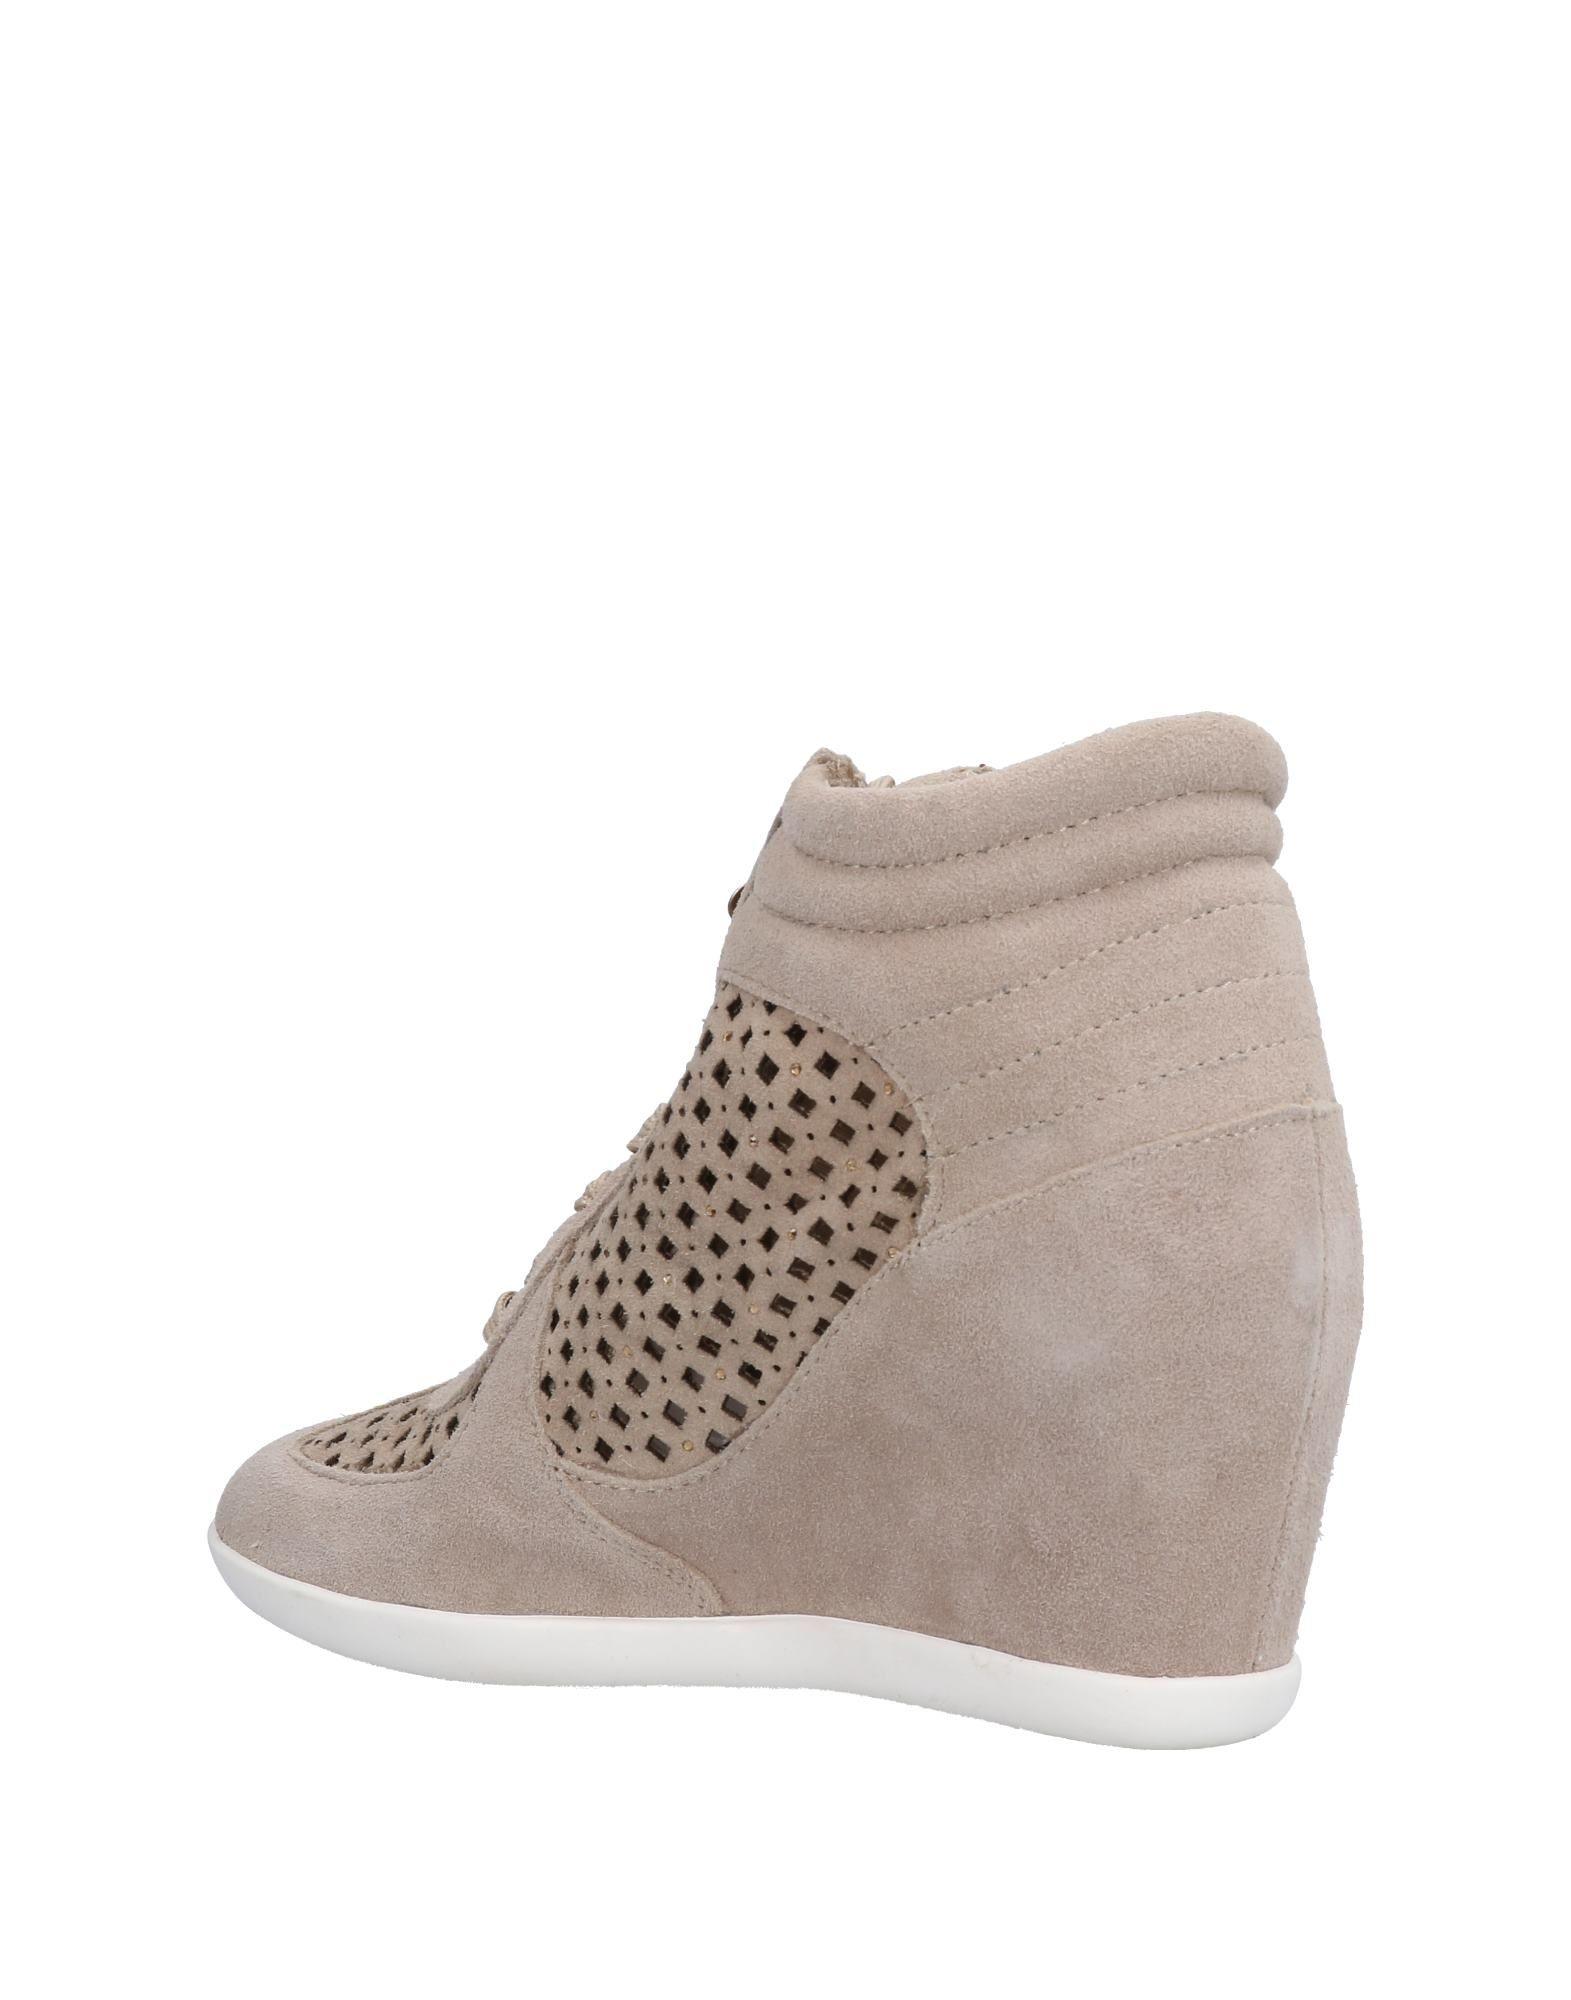 Liu •Jo Shoes Sneakers Damen  11376255BG Gute Qualität beliebte Schuhe